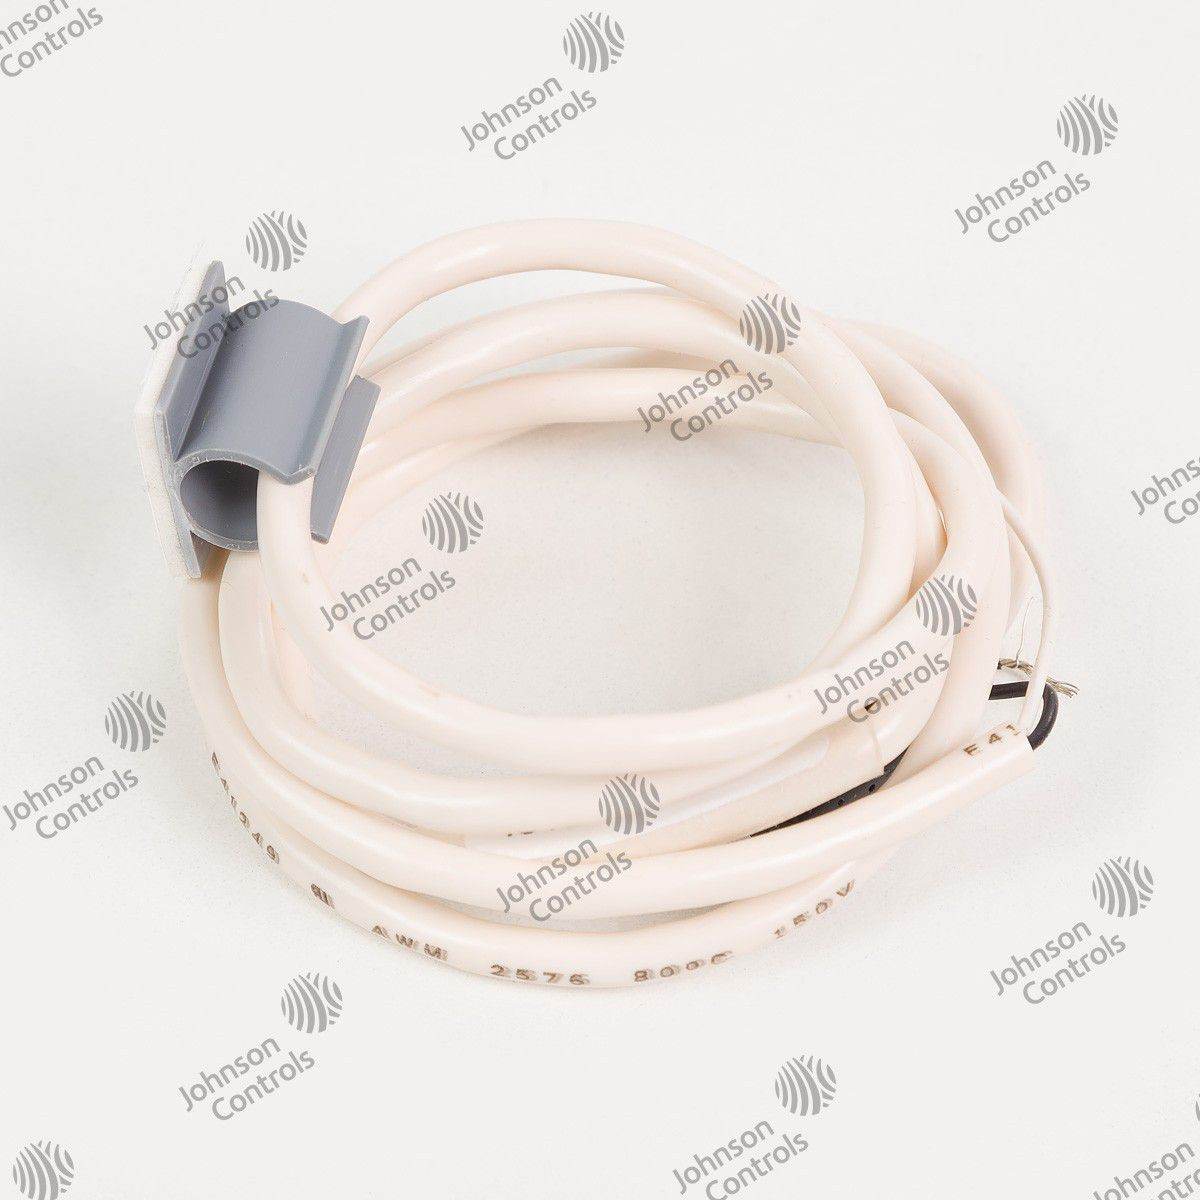 SENSOR TEMP - 111Q0280949